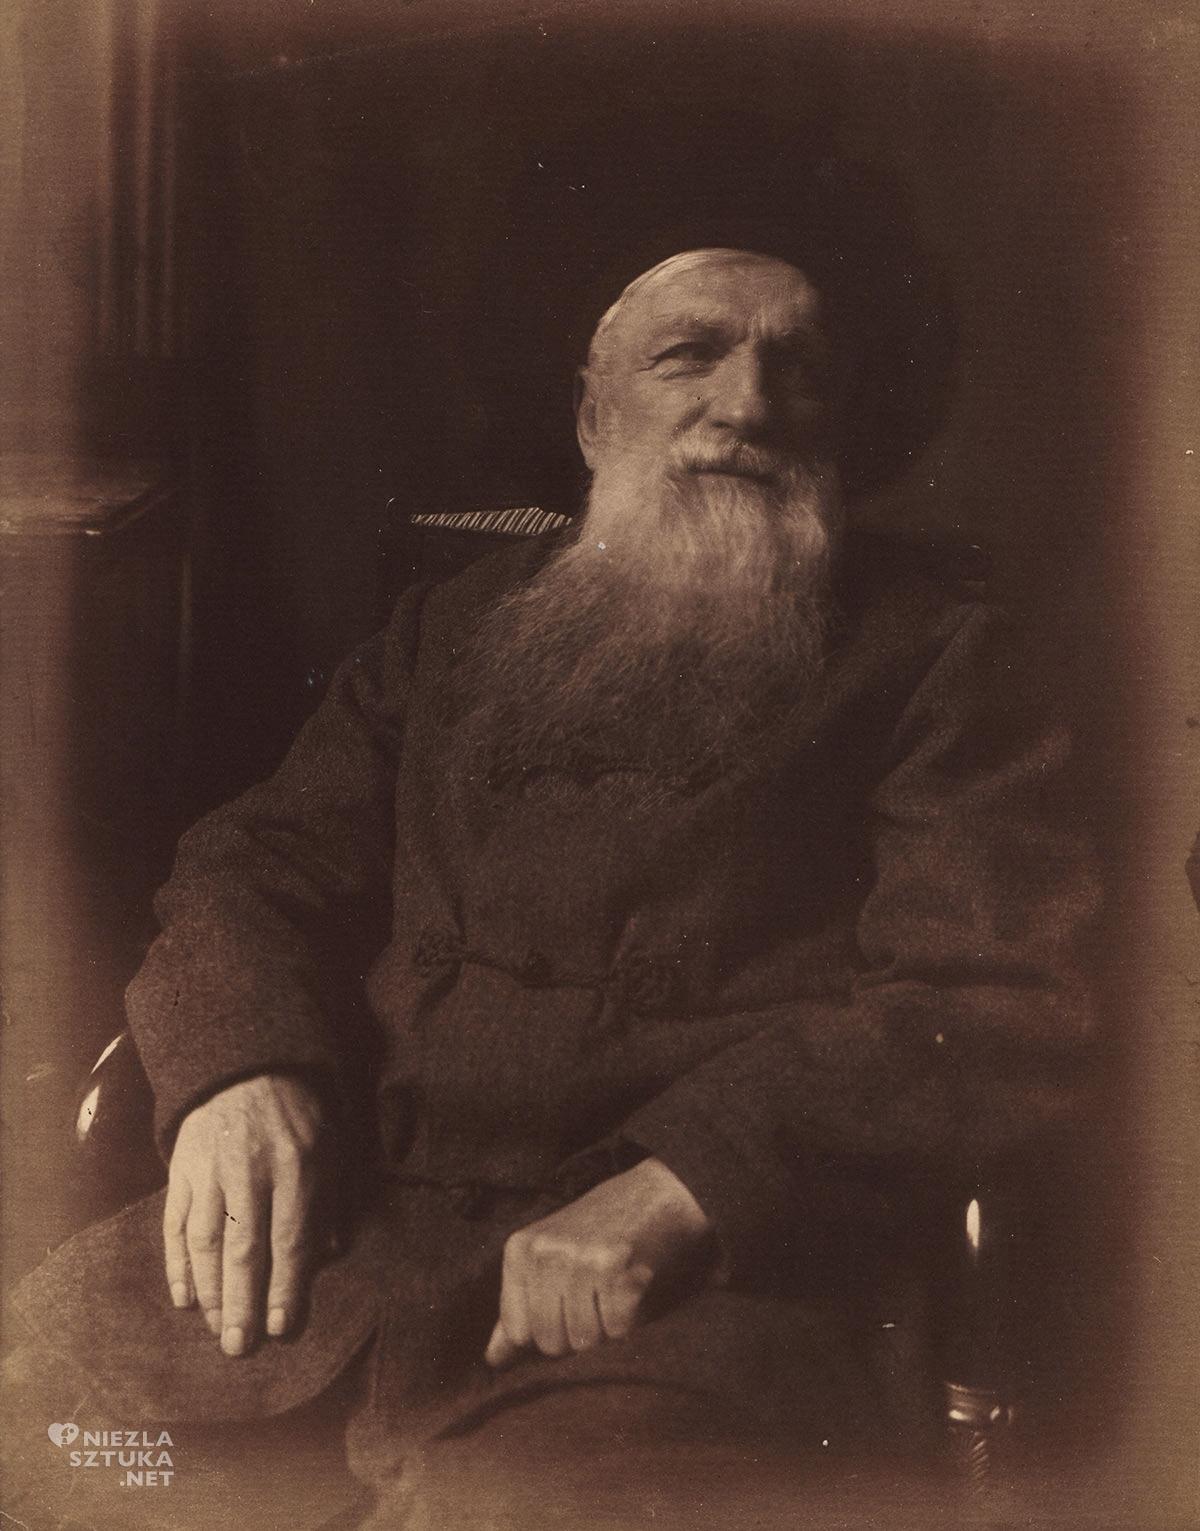 Auguste Rodin, rzeźba, sztuka francuska, Niezła sztuka